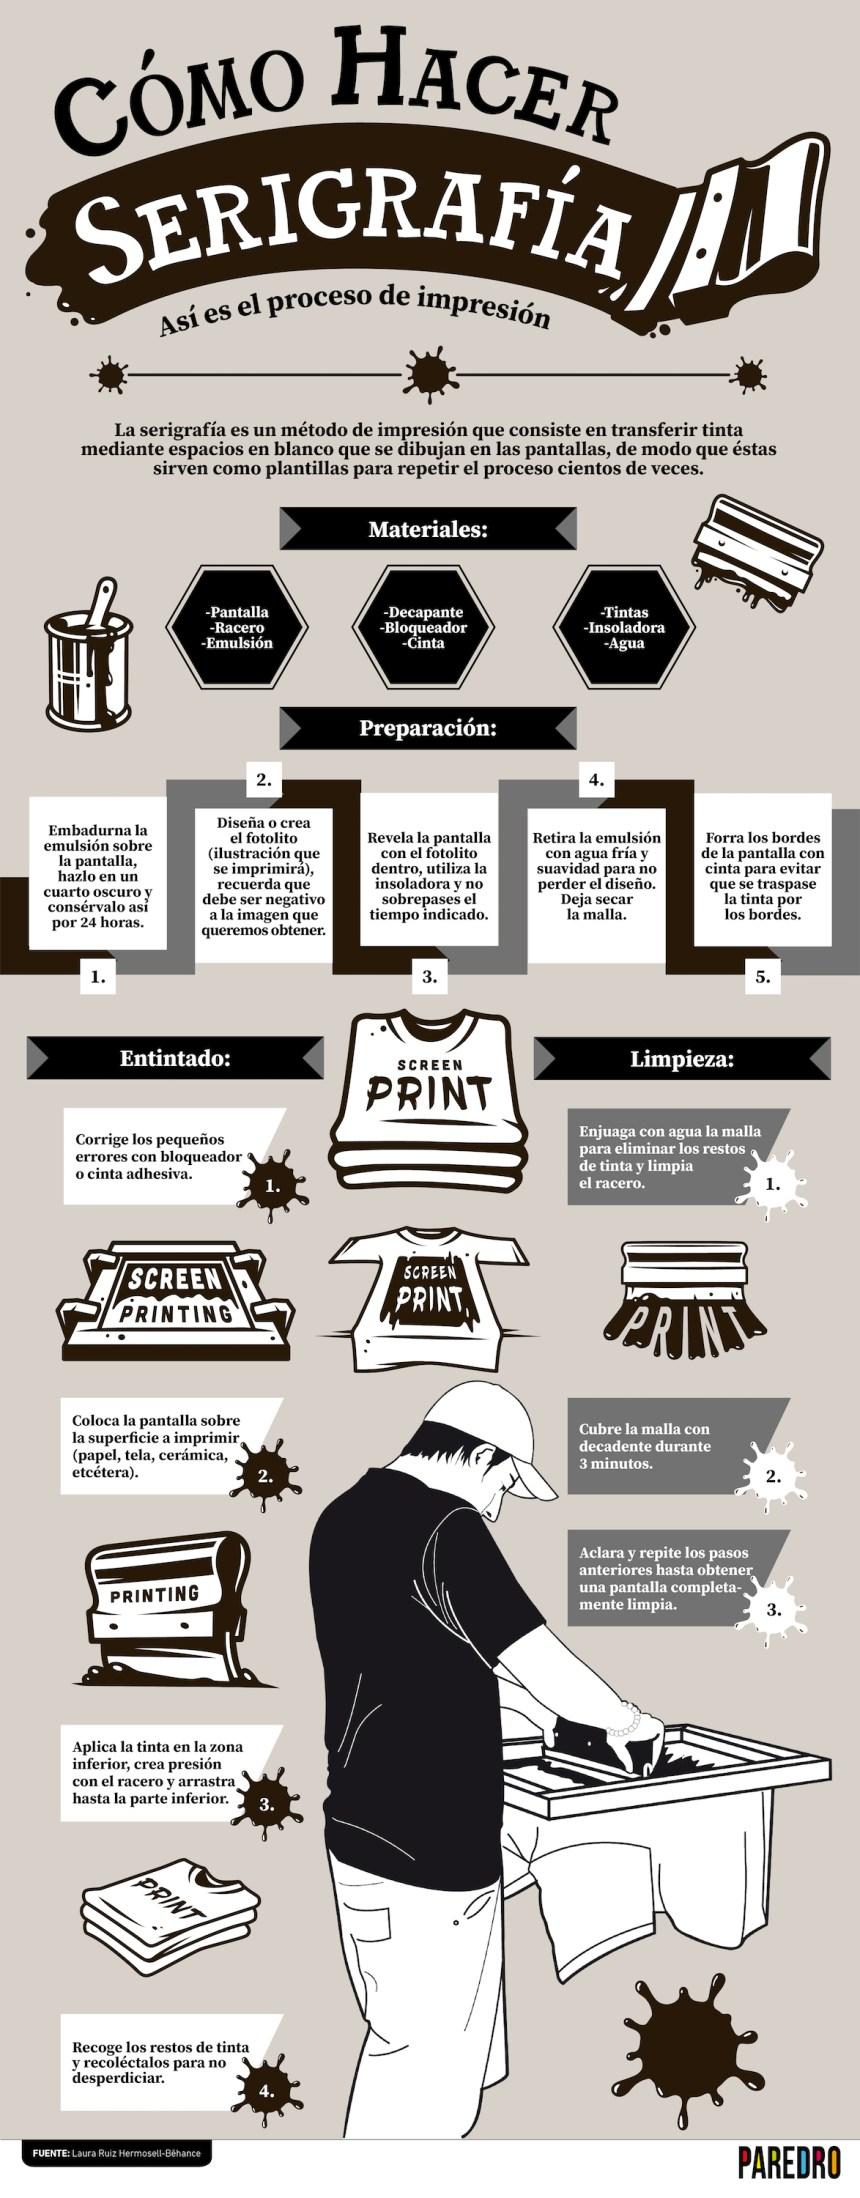 Cómo hacer Serigrafía